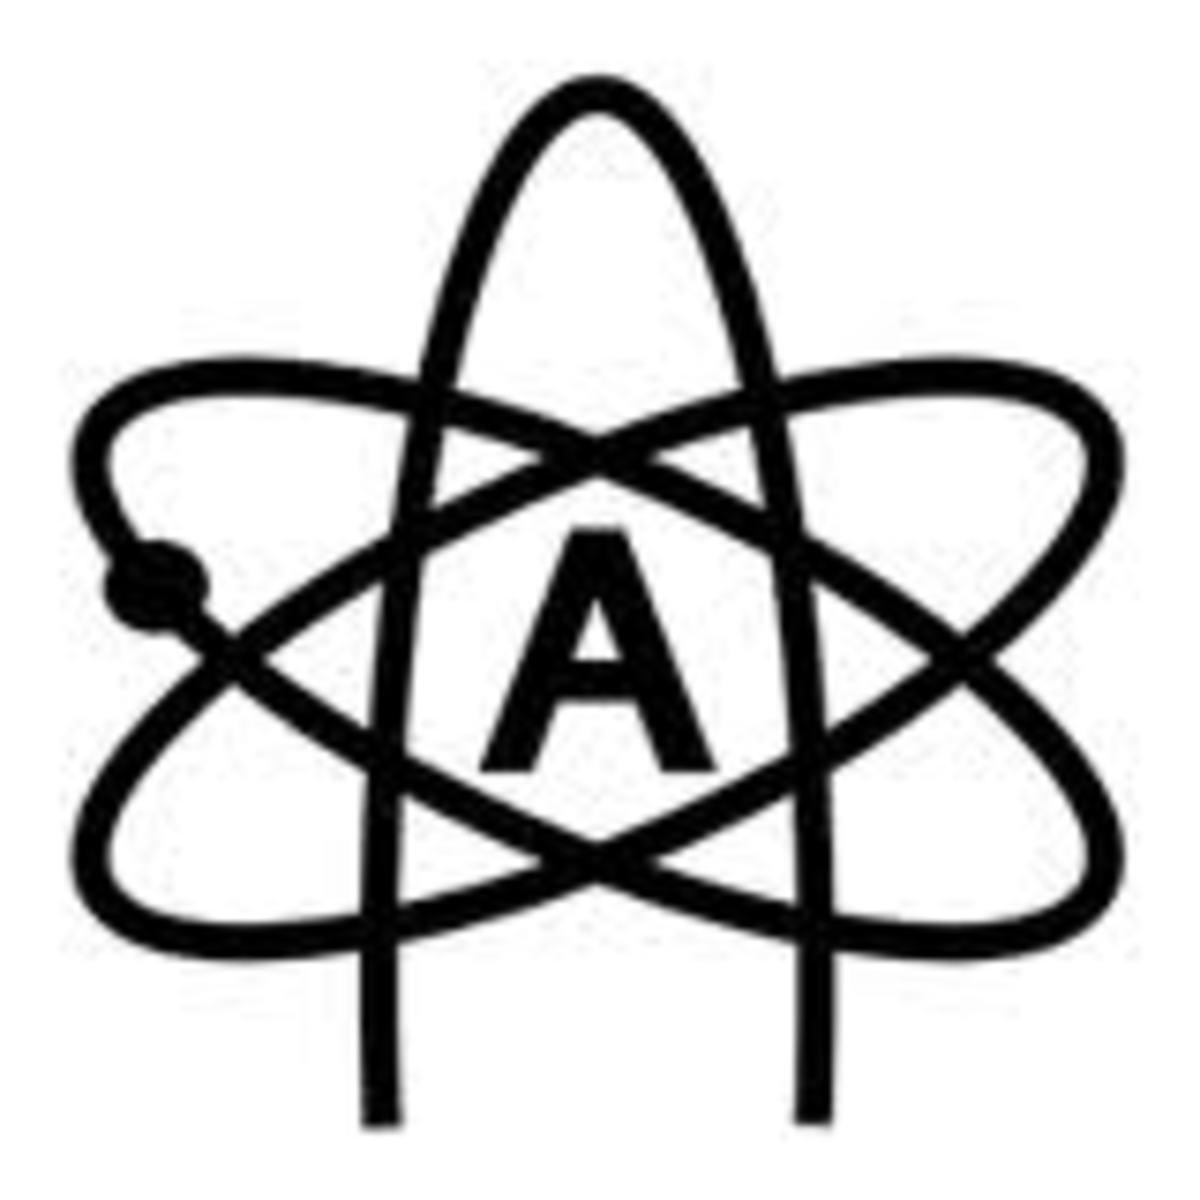 athiesm's logo